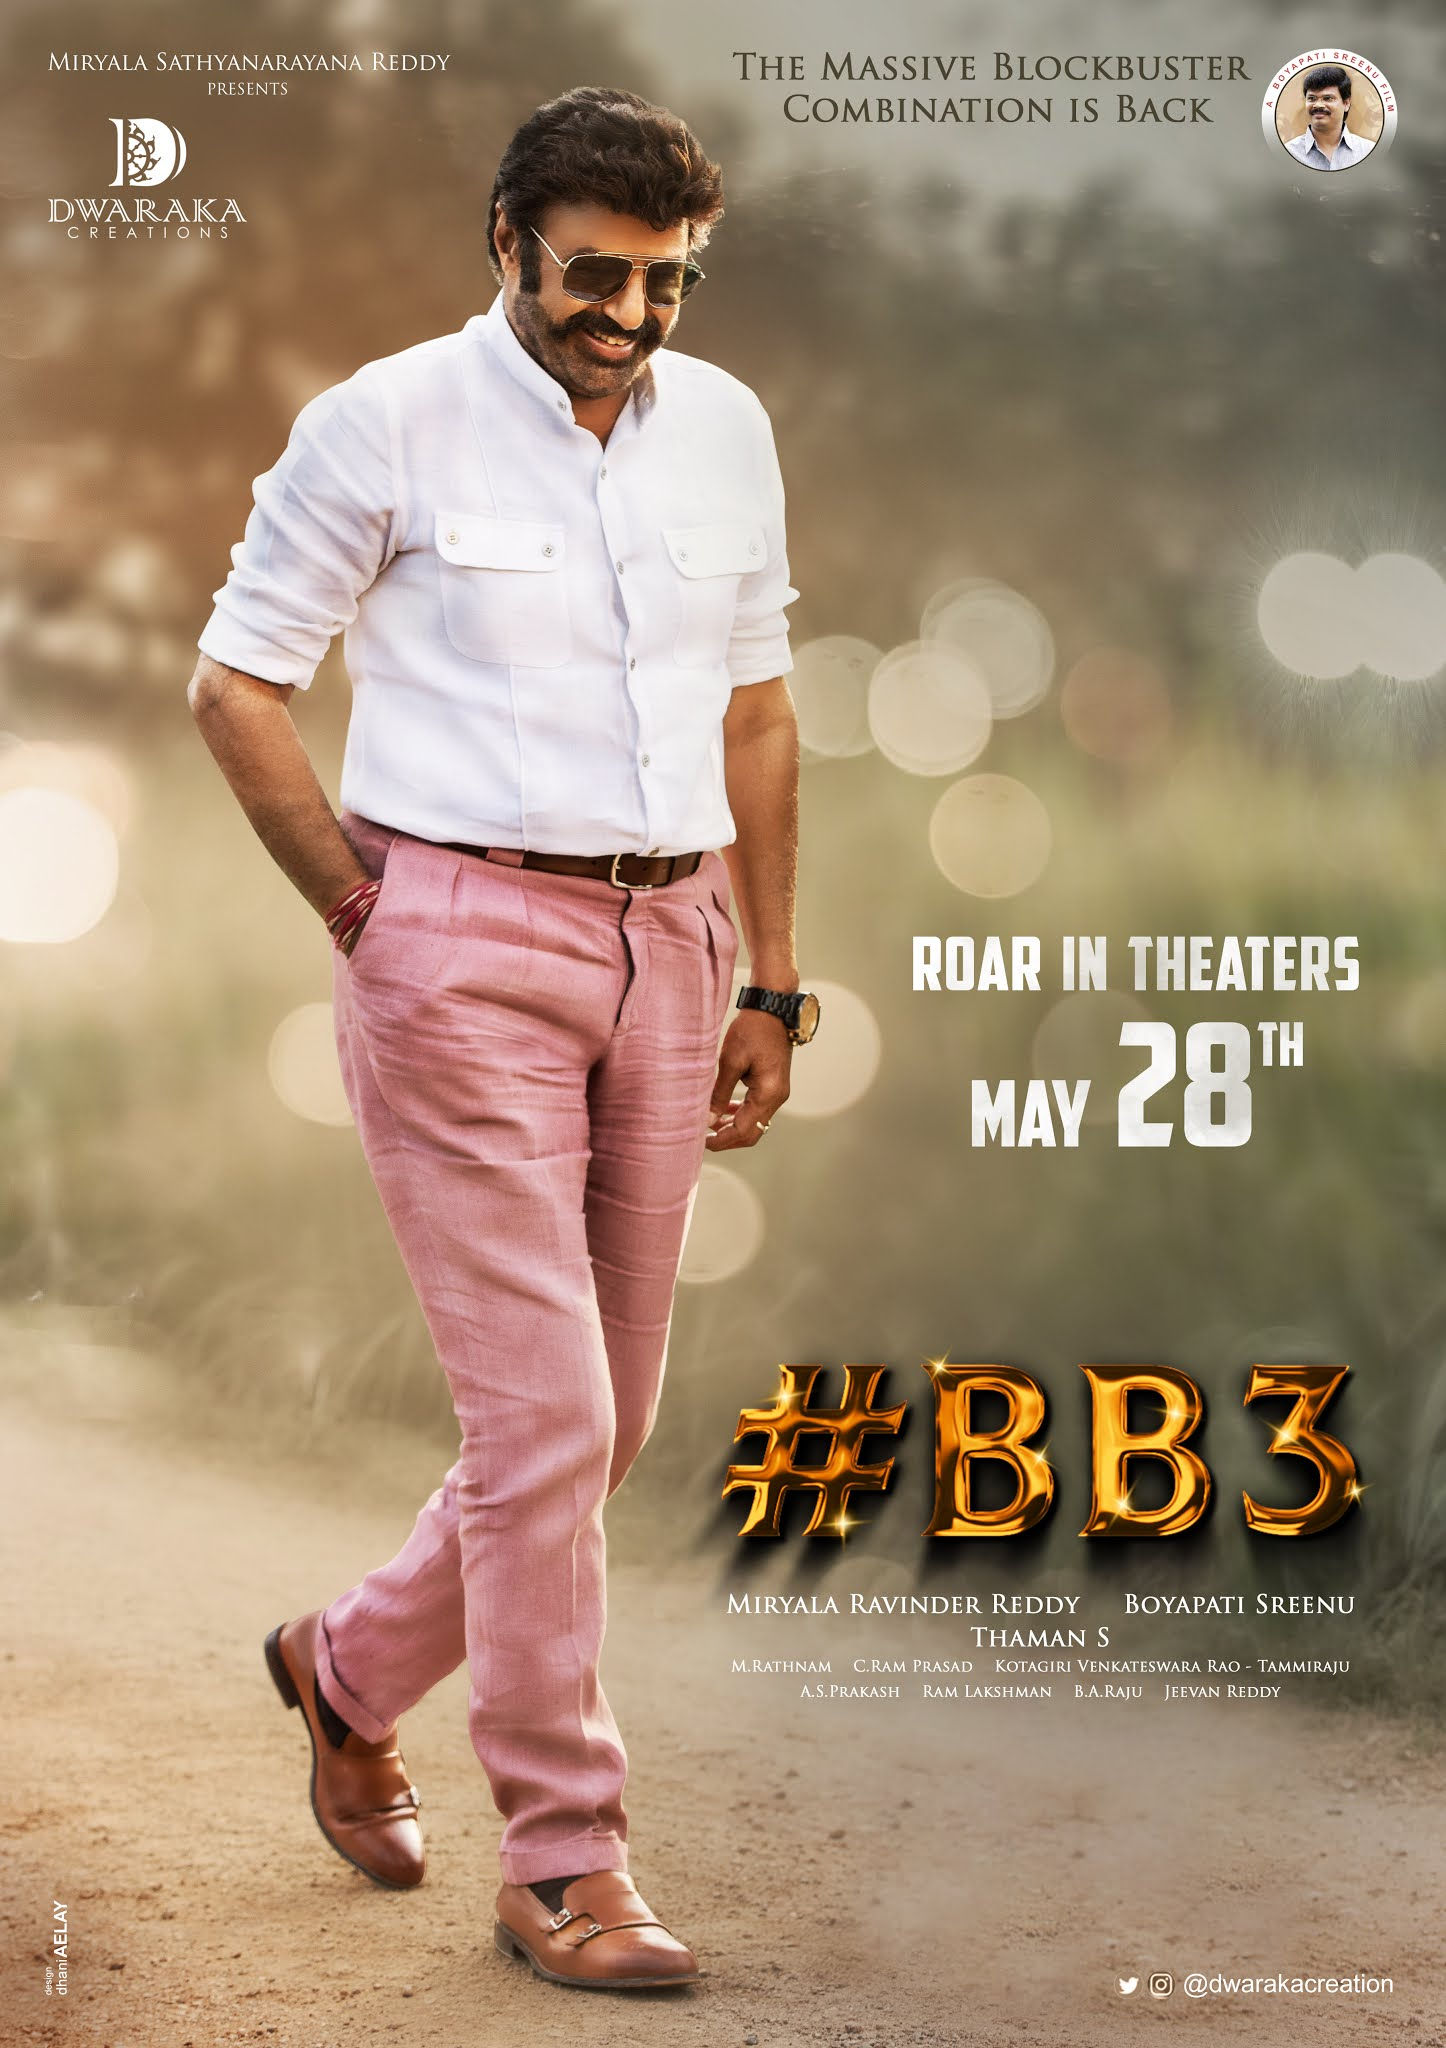 Nandamuri Balakrishna Boyapati Srinu BB3 Movie Release Date May 28th